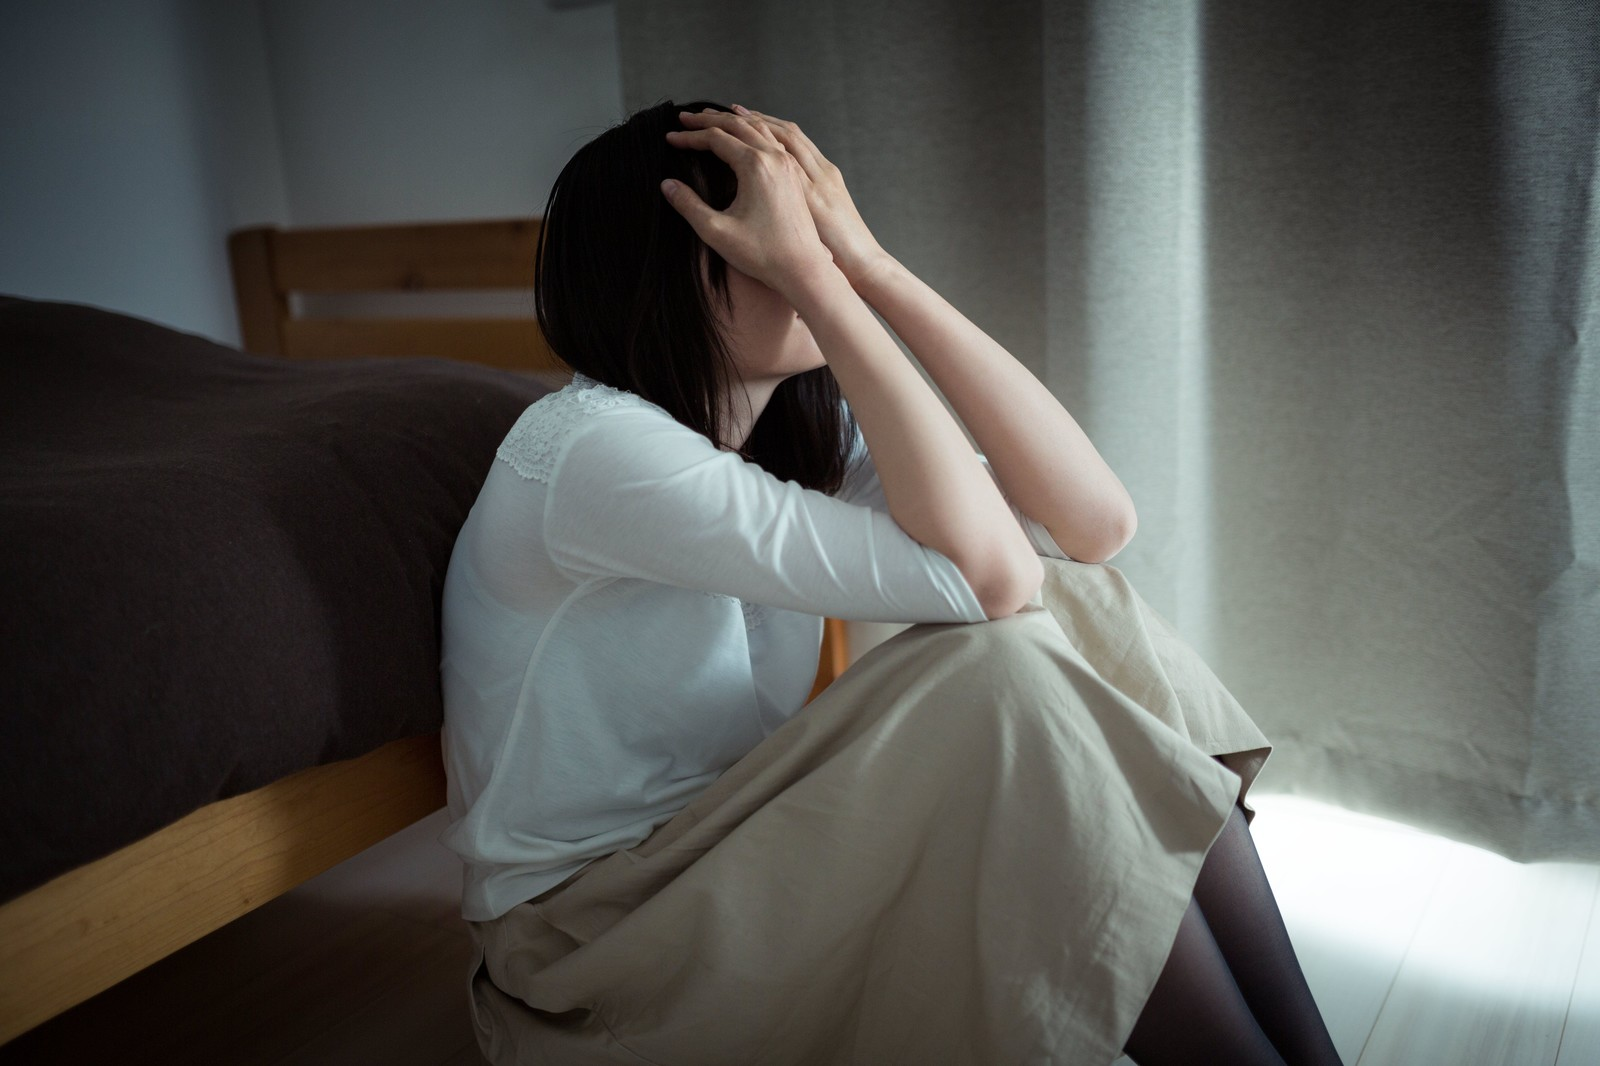 憂鬱そうな女性